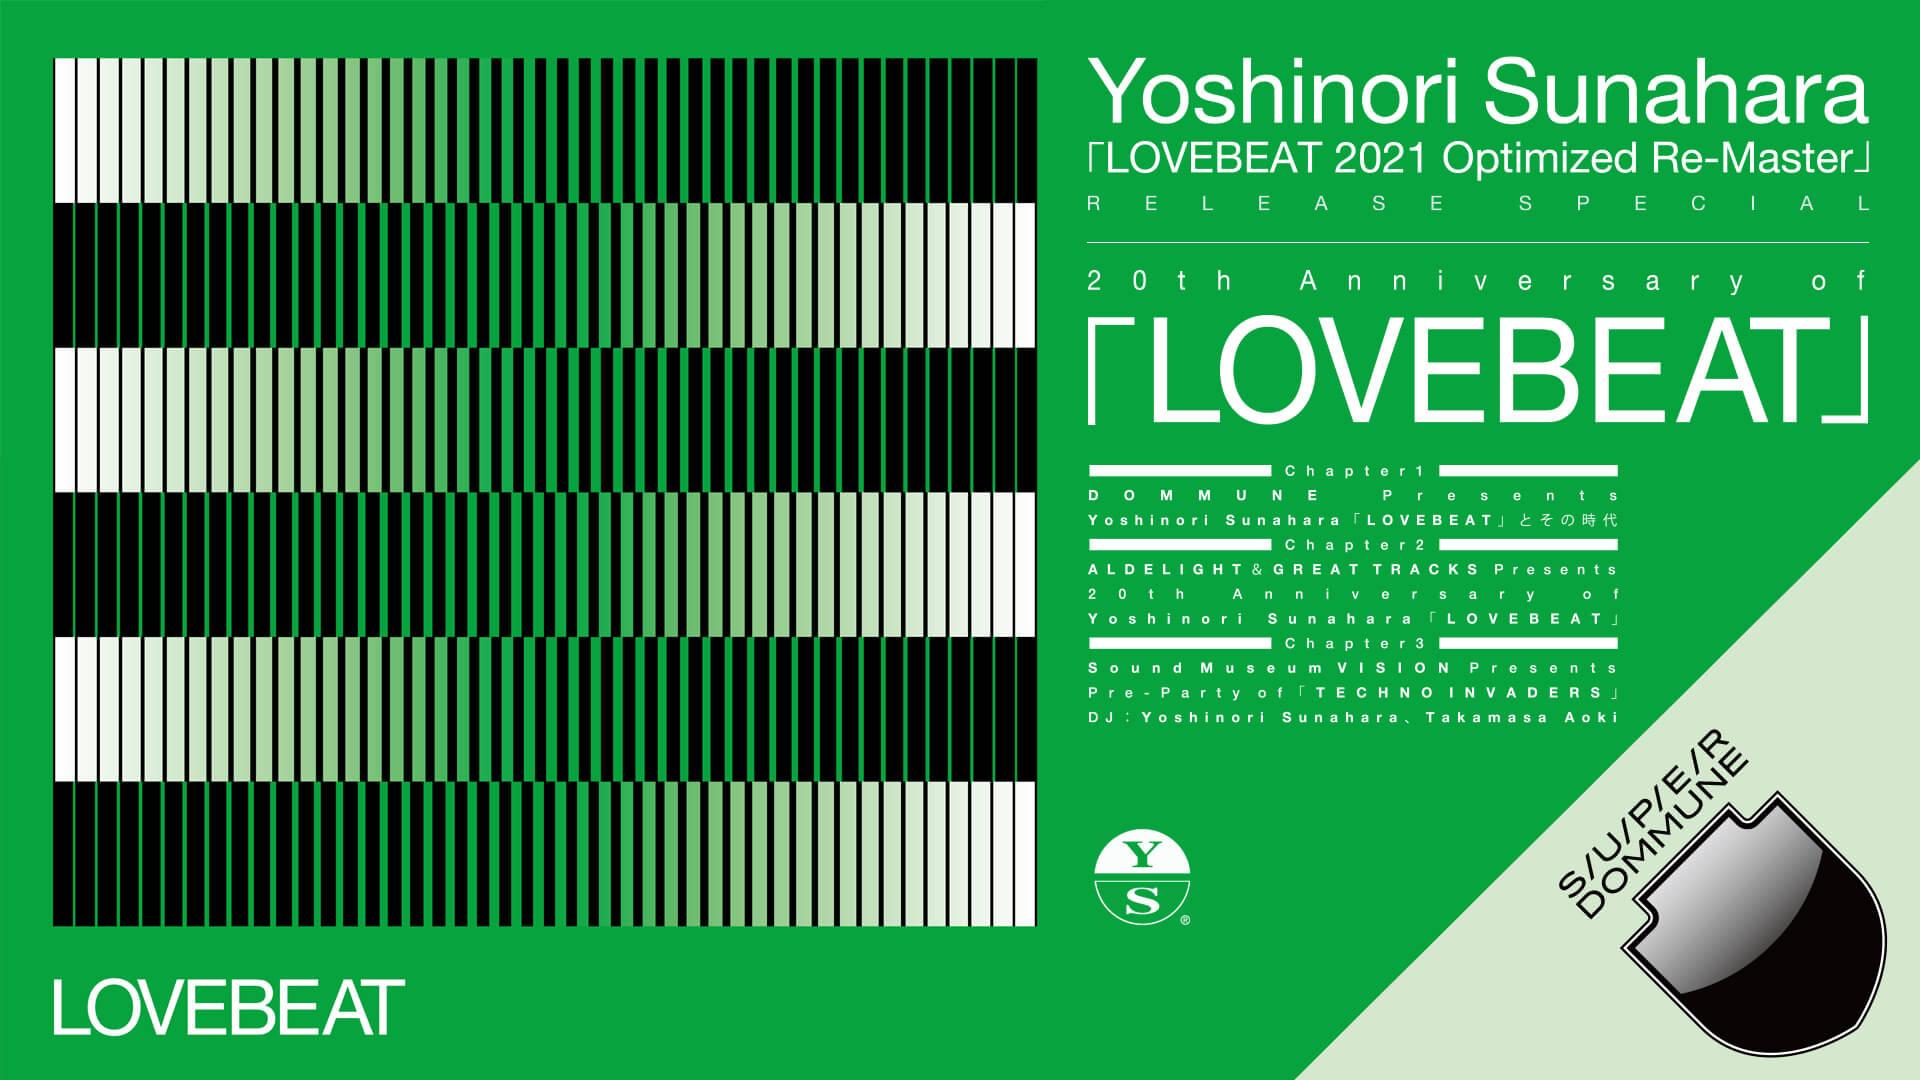 DOMMUNEで砂原良徳『LOVEBEAT』リリーススペシャルプログラムが本日配信!AOKI takamasaもDJで登場 music210915_sunaharayoshinori_3